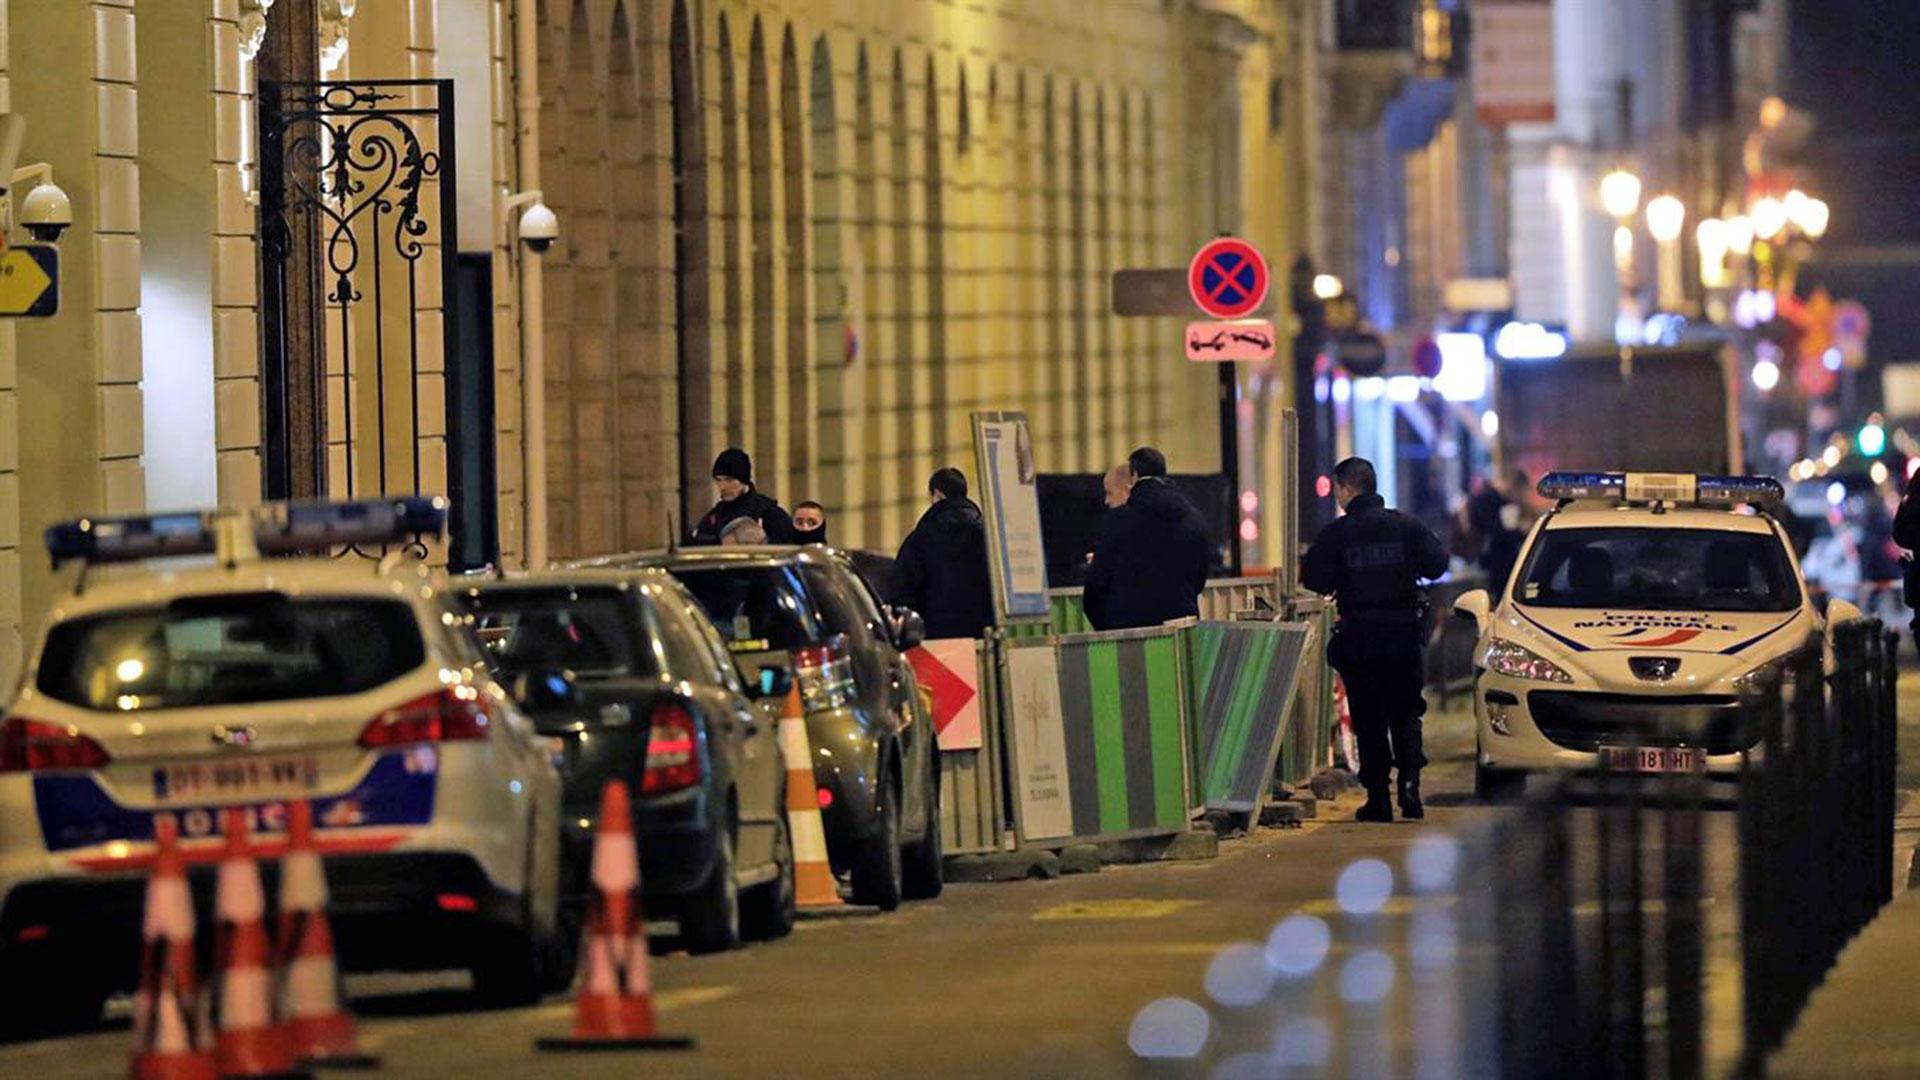 """Dos de los atracadores siguen huidos. El botín fue valorado en """"varios millones de euros"""", según una fuente policial"""